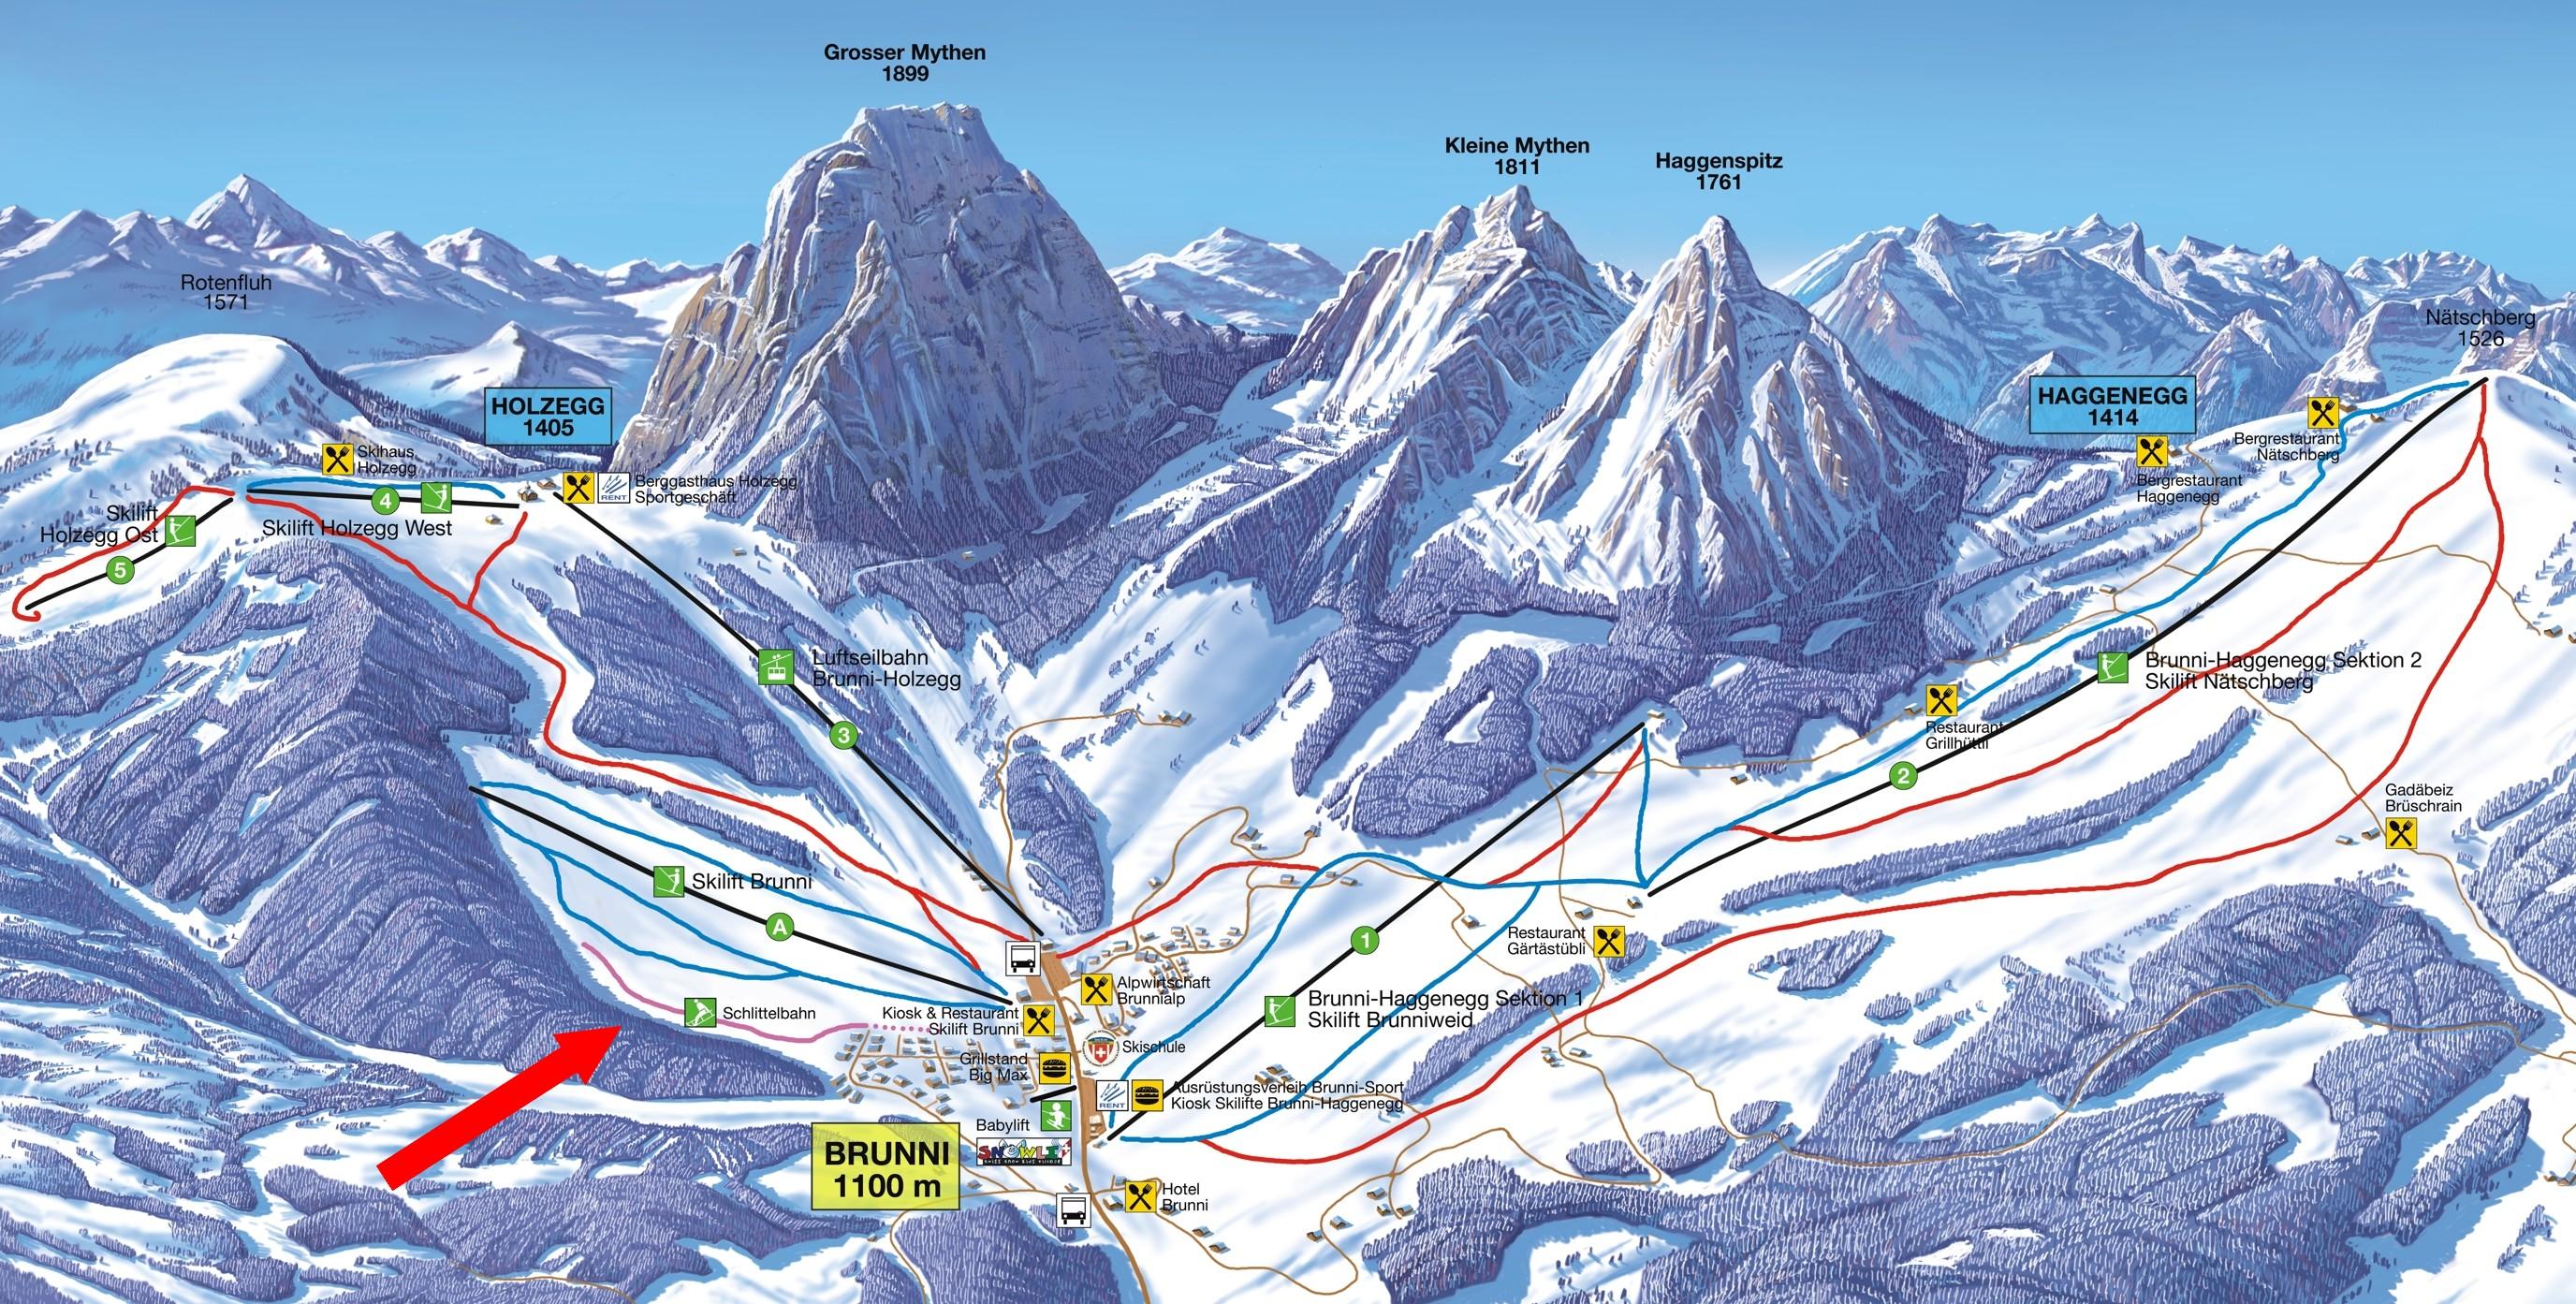 Schlittelbahn Skilift Brunni